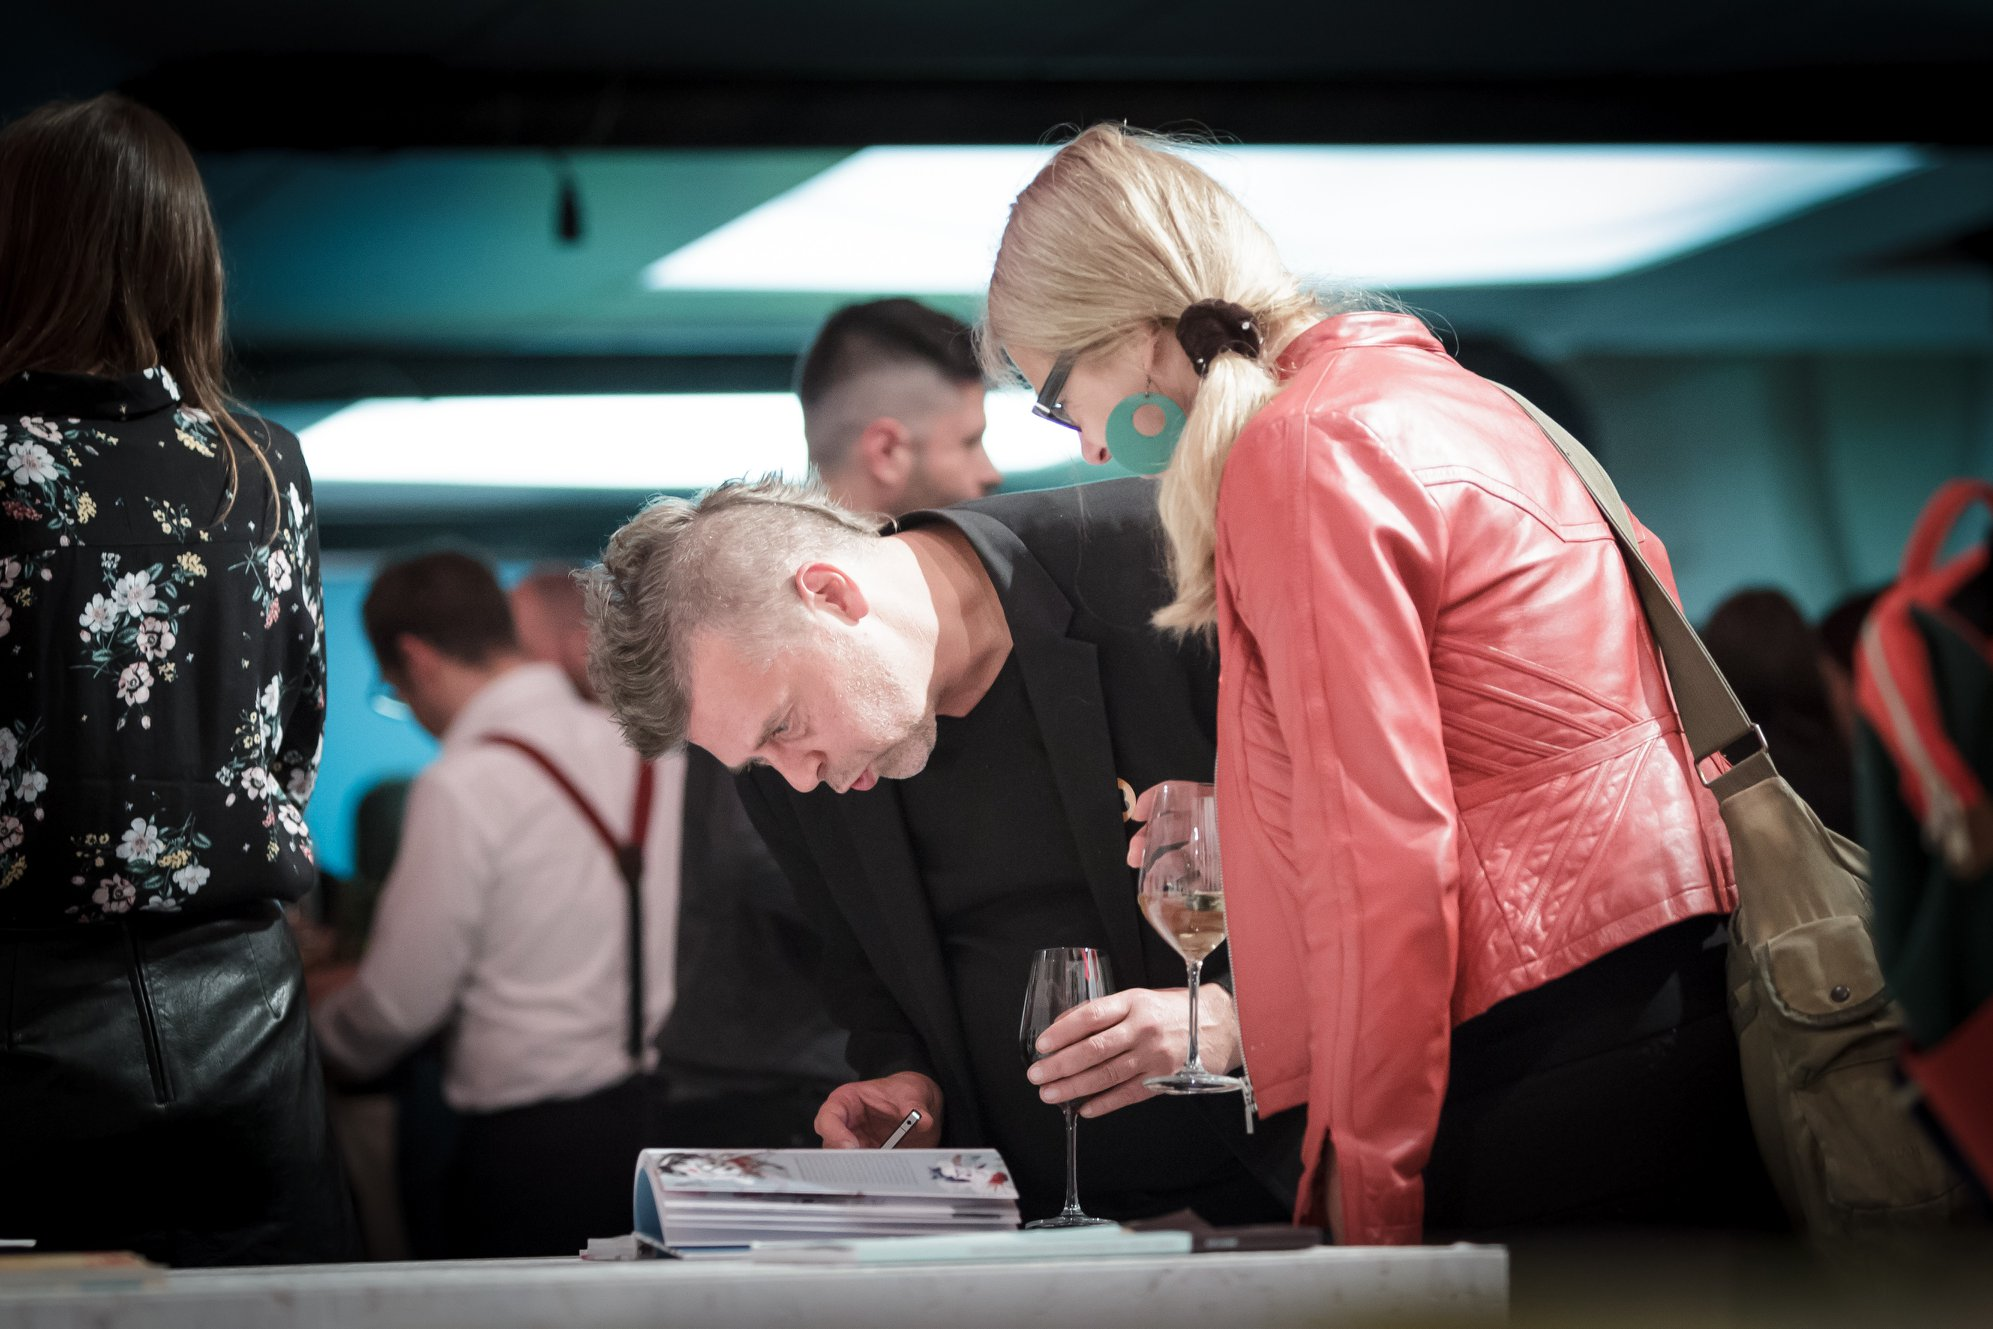 Joseph Binder Award 2018, exhibition designforum Vienna